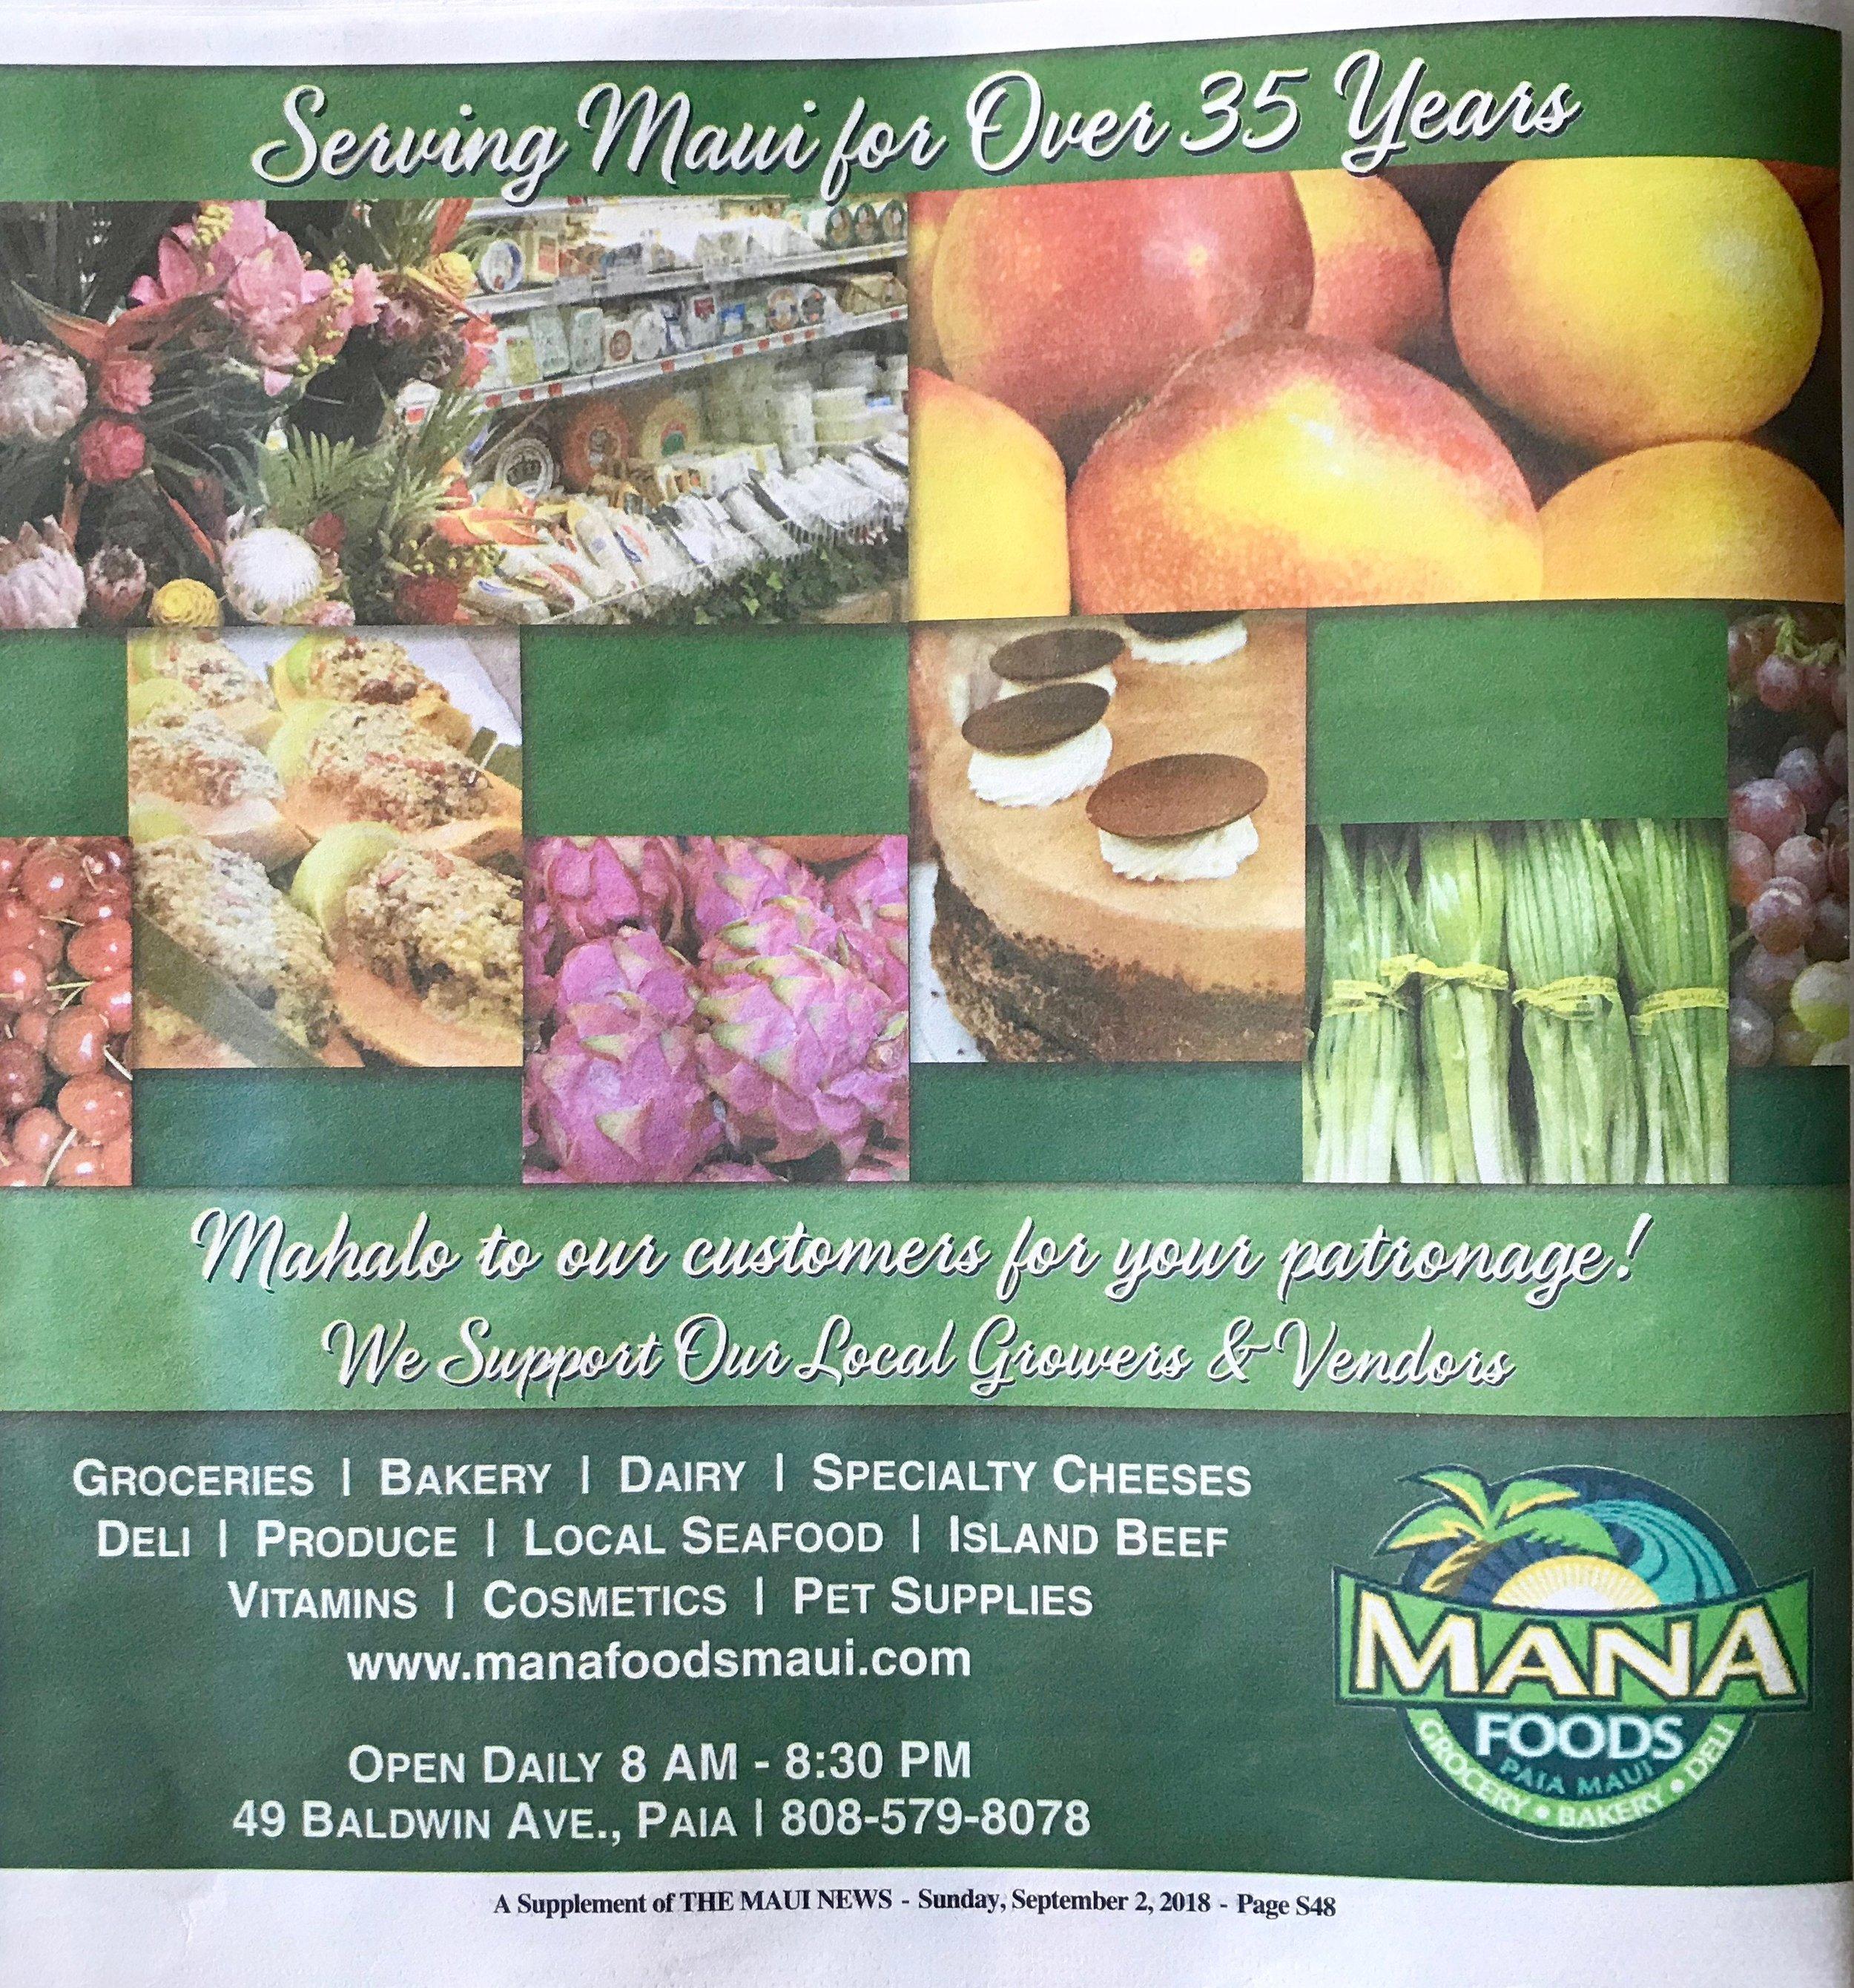 Best-Food-Maui-Maui-News.jpeg